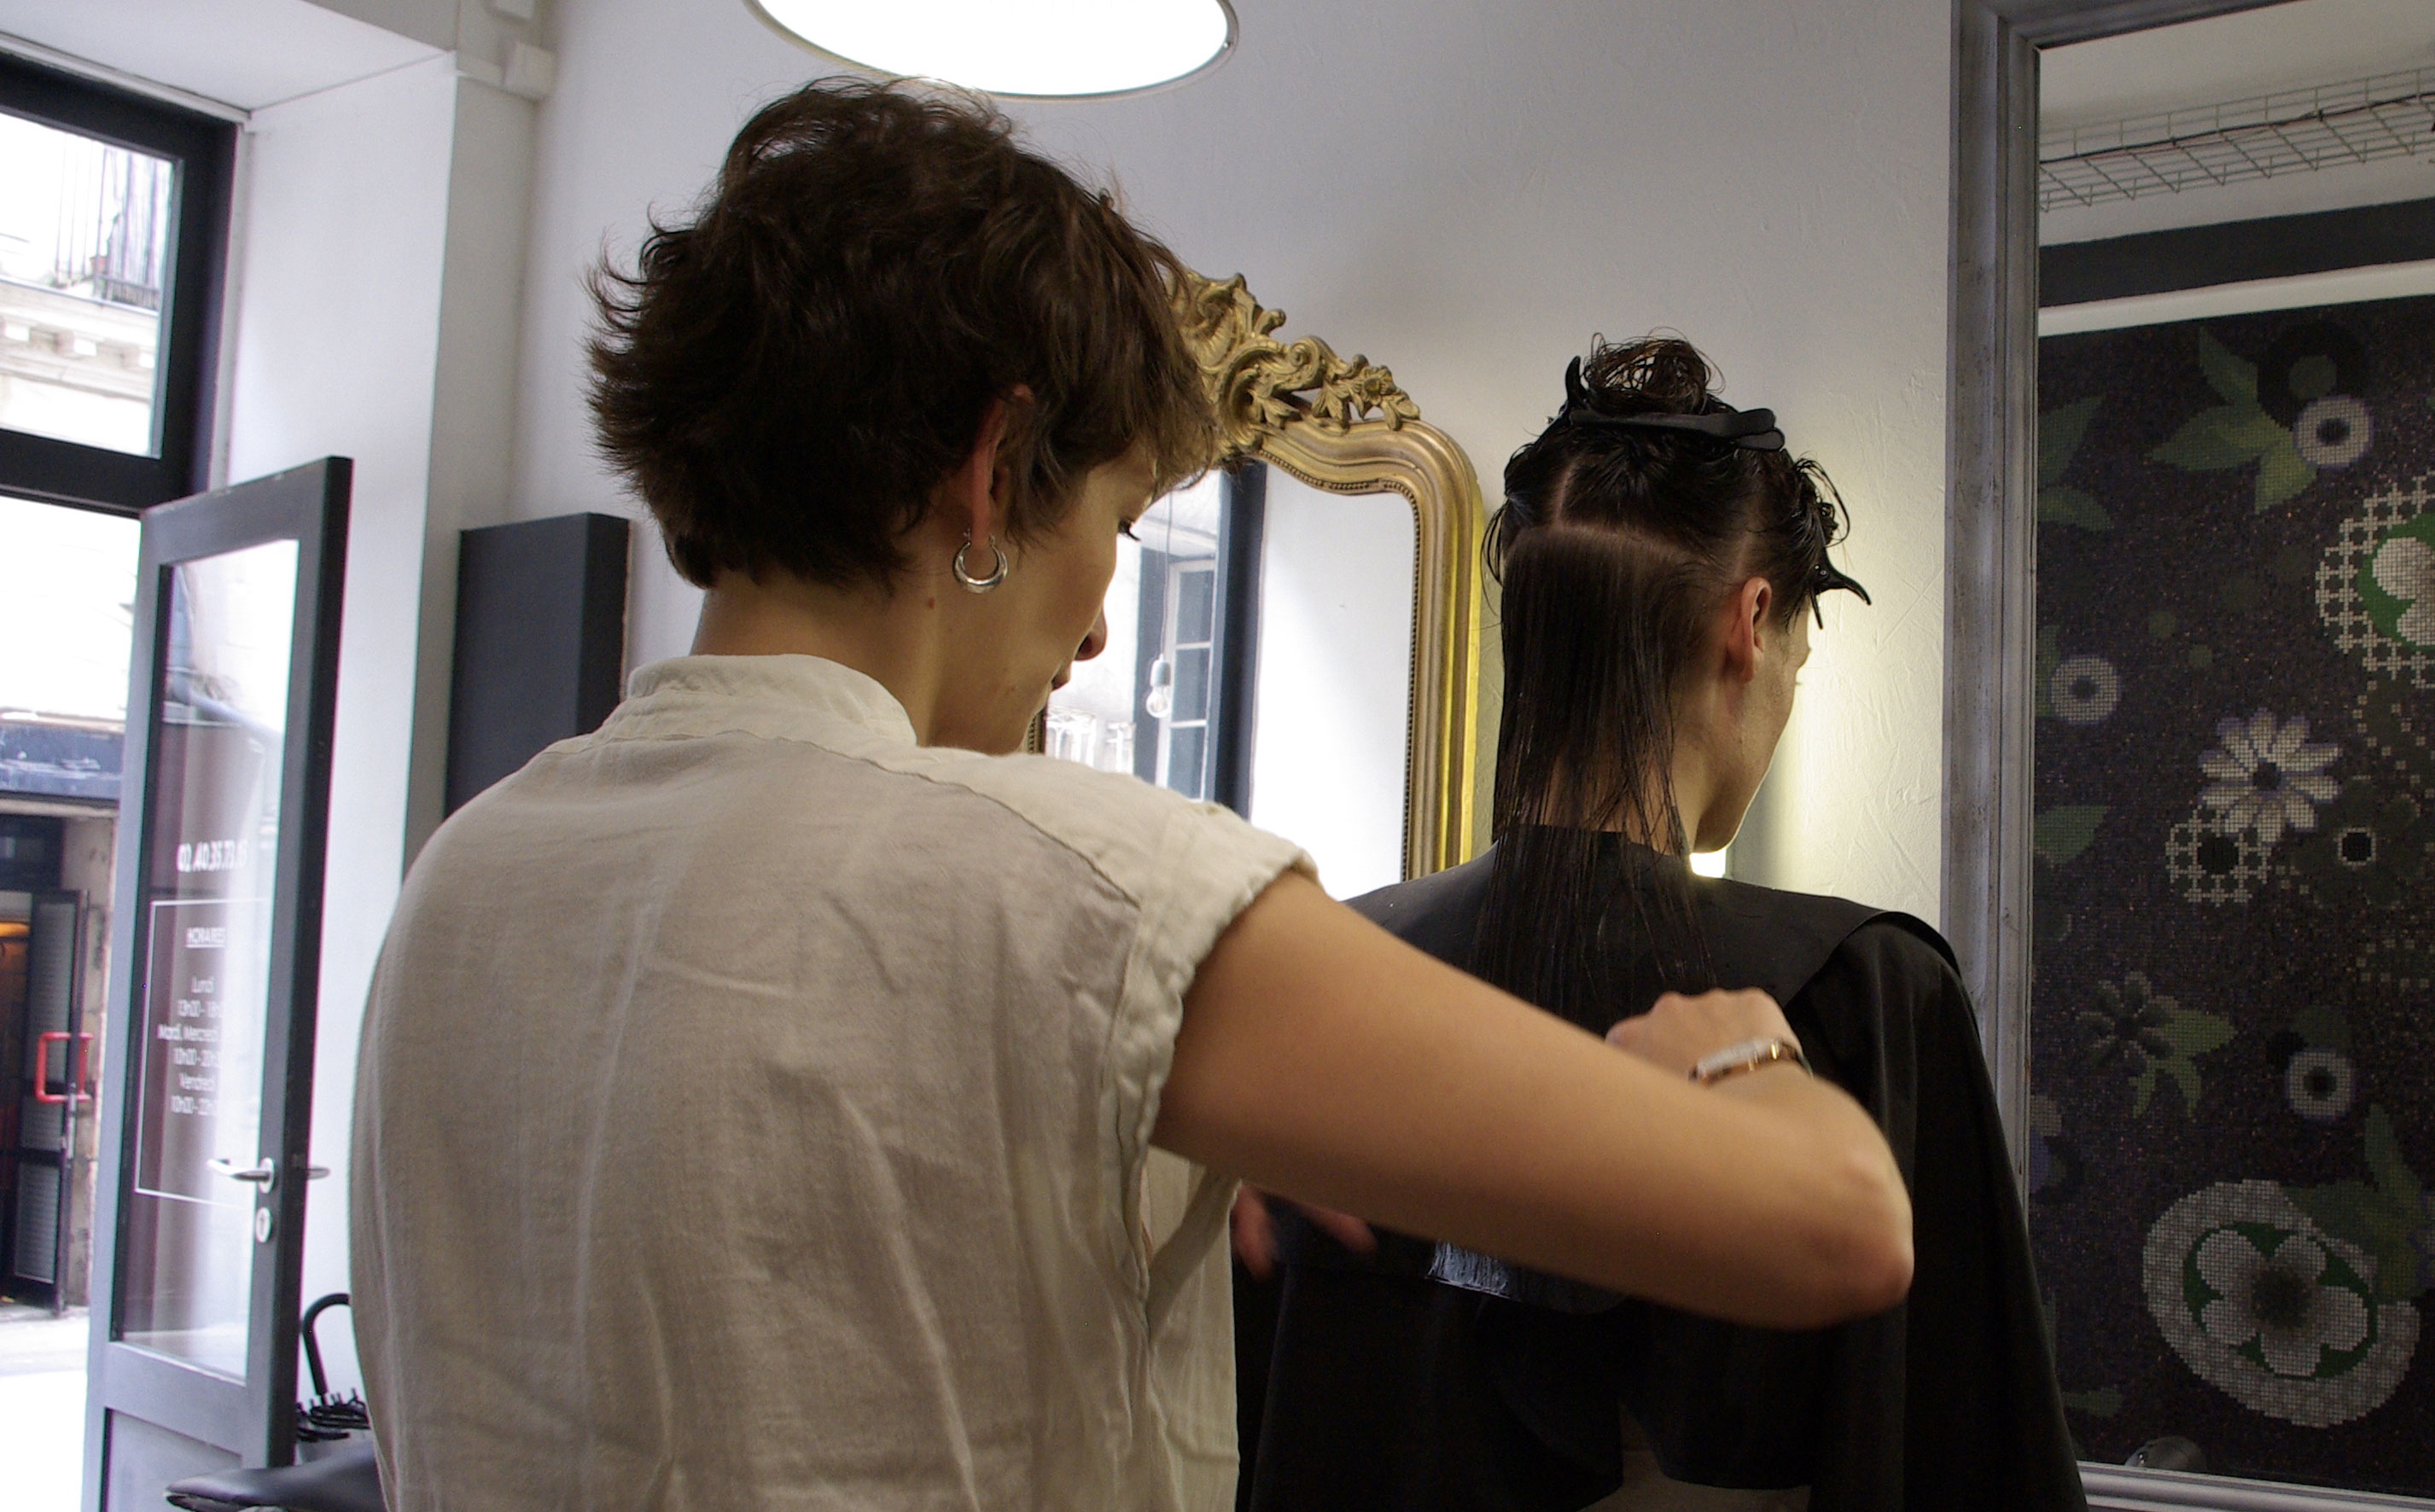 Salon de coiffure pour femme u00e0 Nantes - MAD